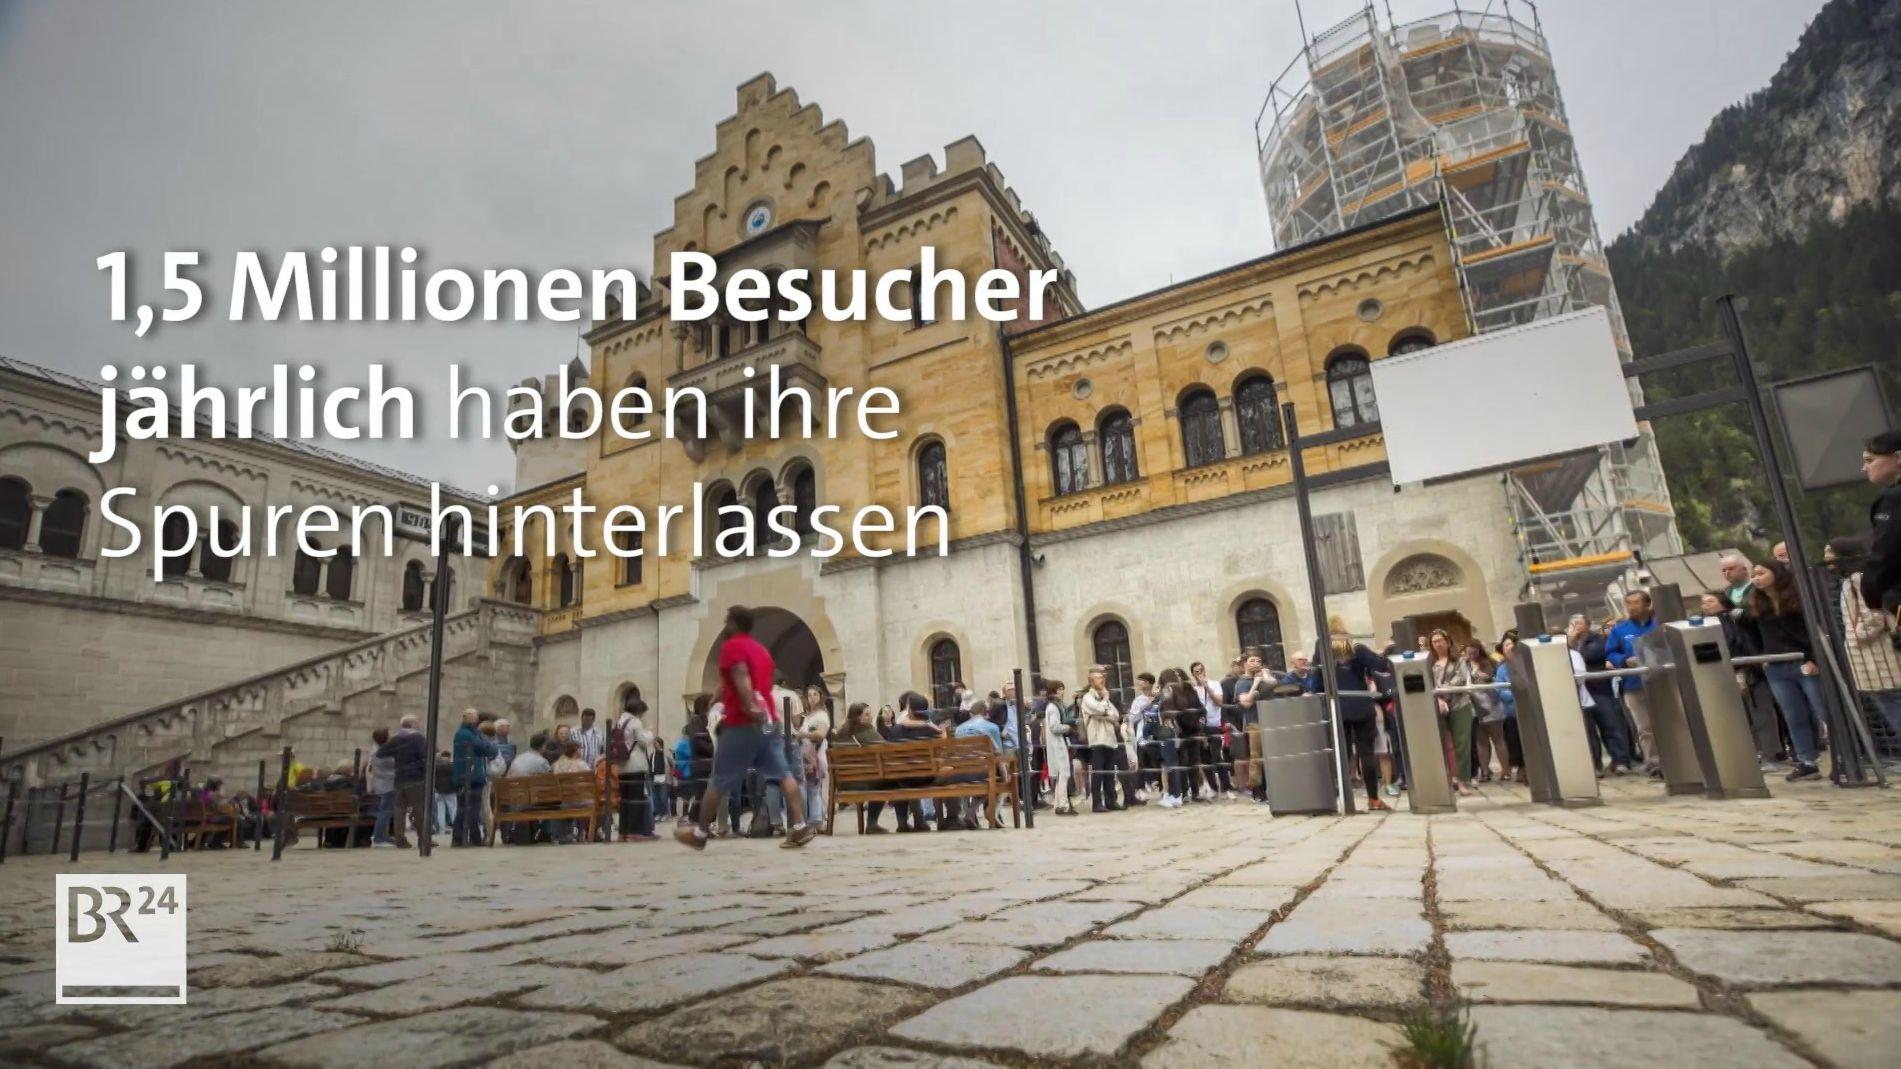 Schloss Neuschwanstein Wie Touristenmassen die Kunst gefährden